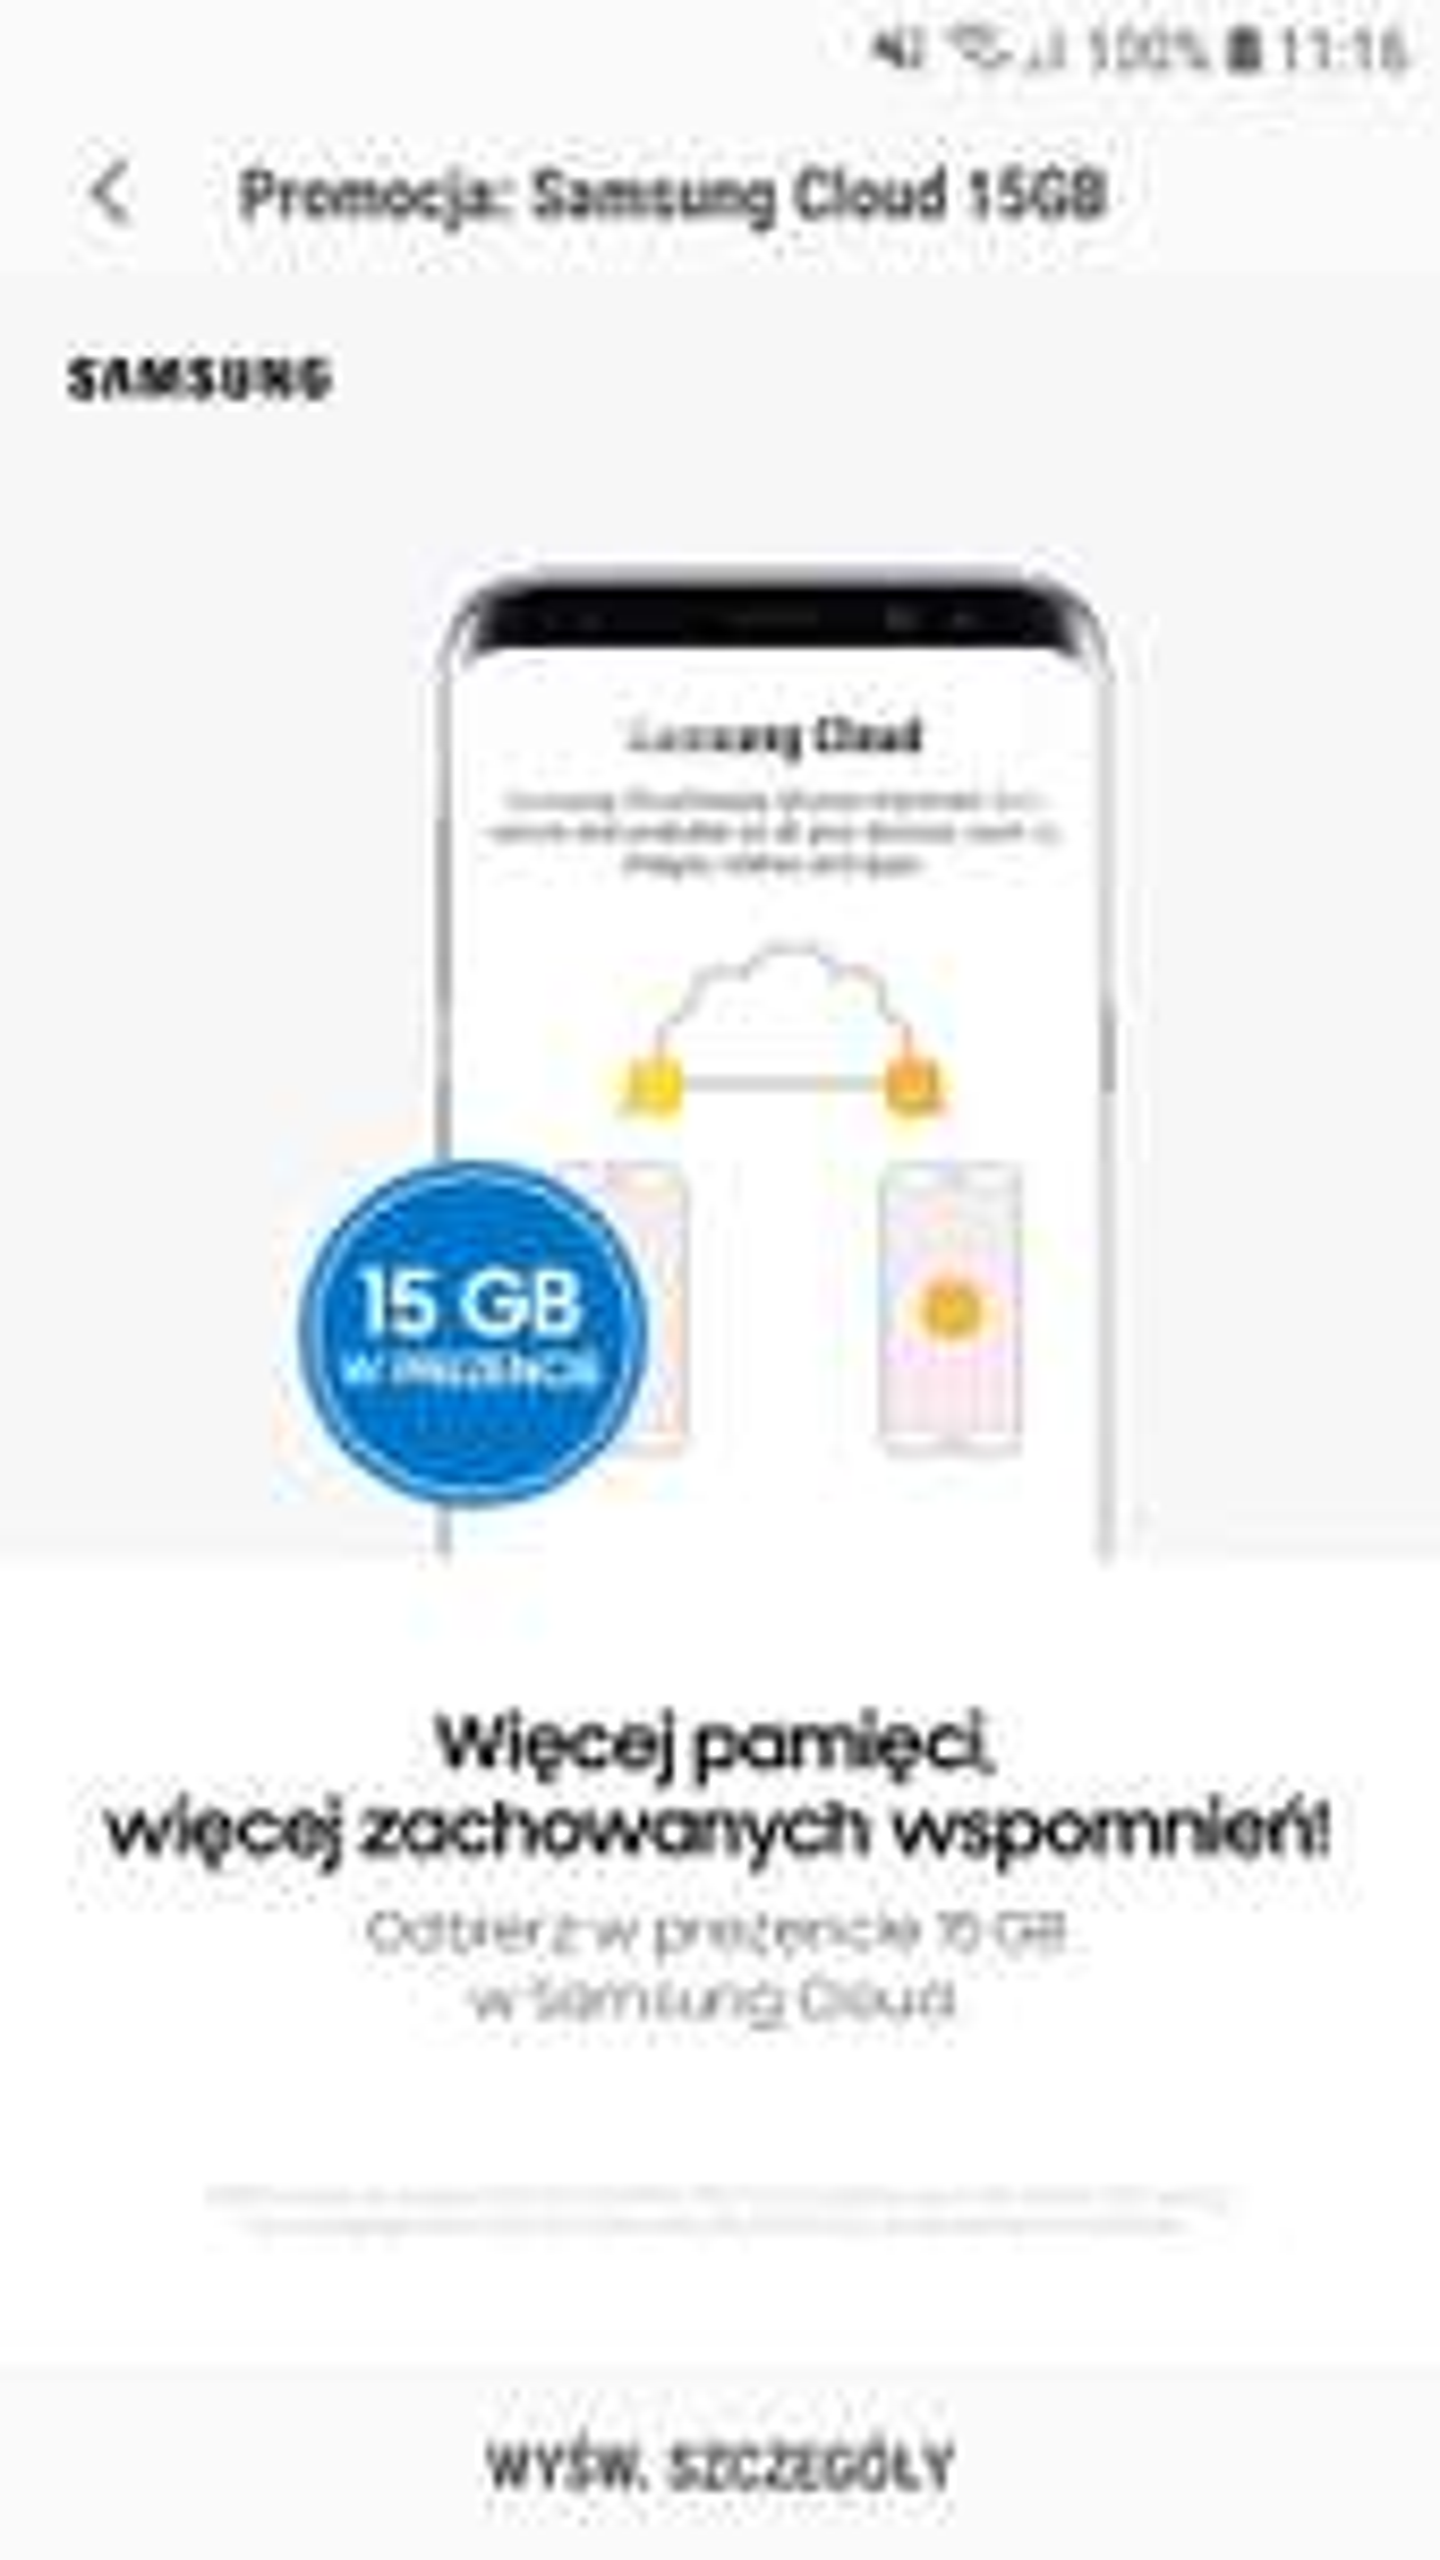 Samsung Cloud 15GB w prezencie do 31 grudnia